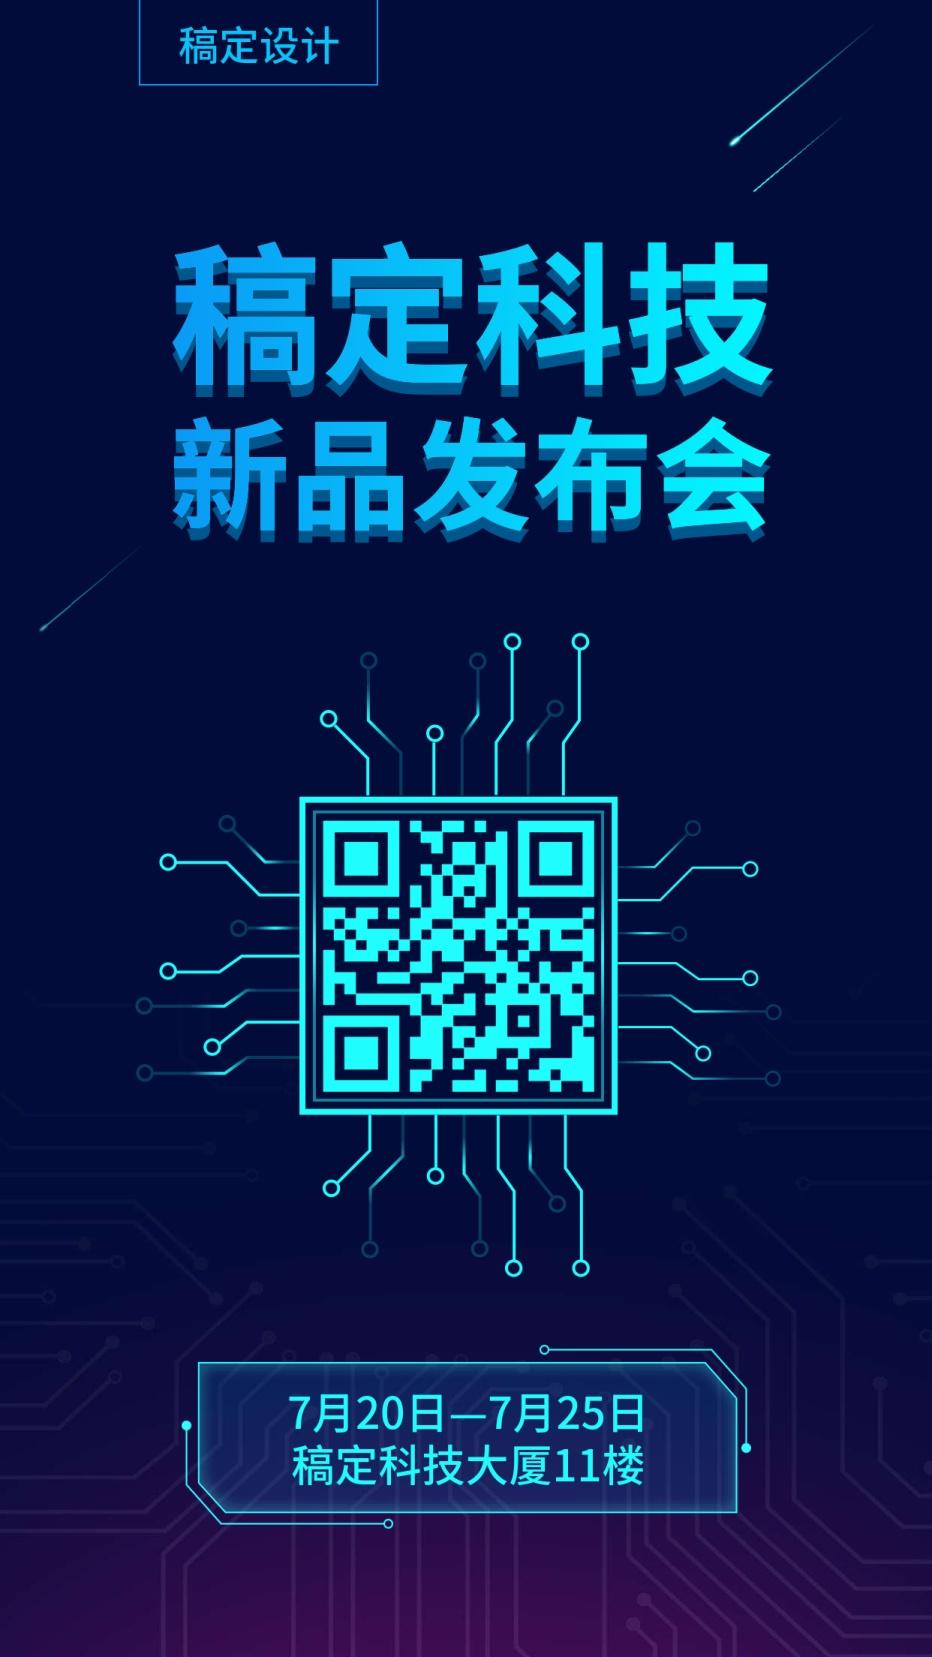 新品发布会朋友圈邀请函/苹果发布会/手机海报